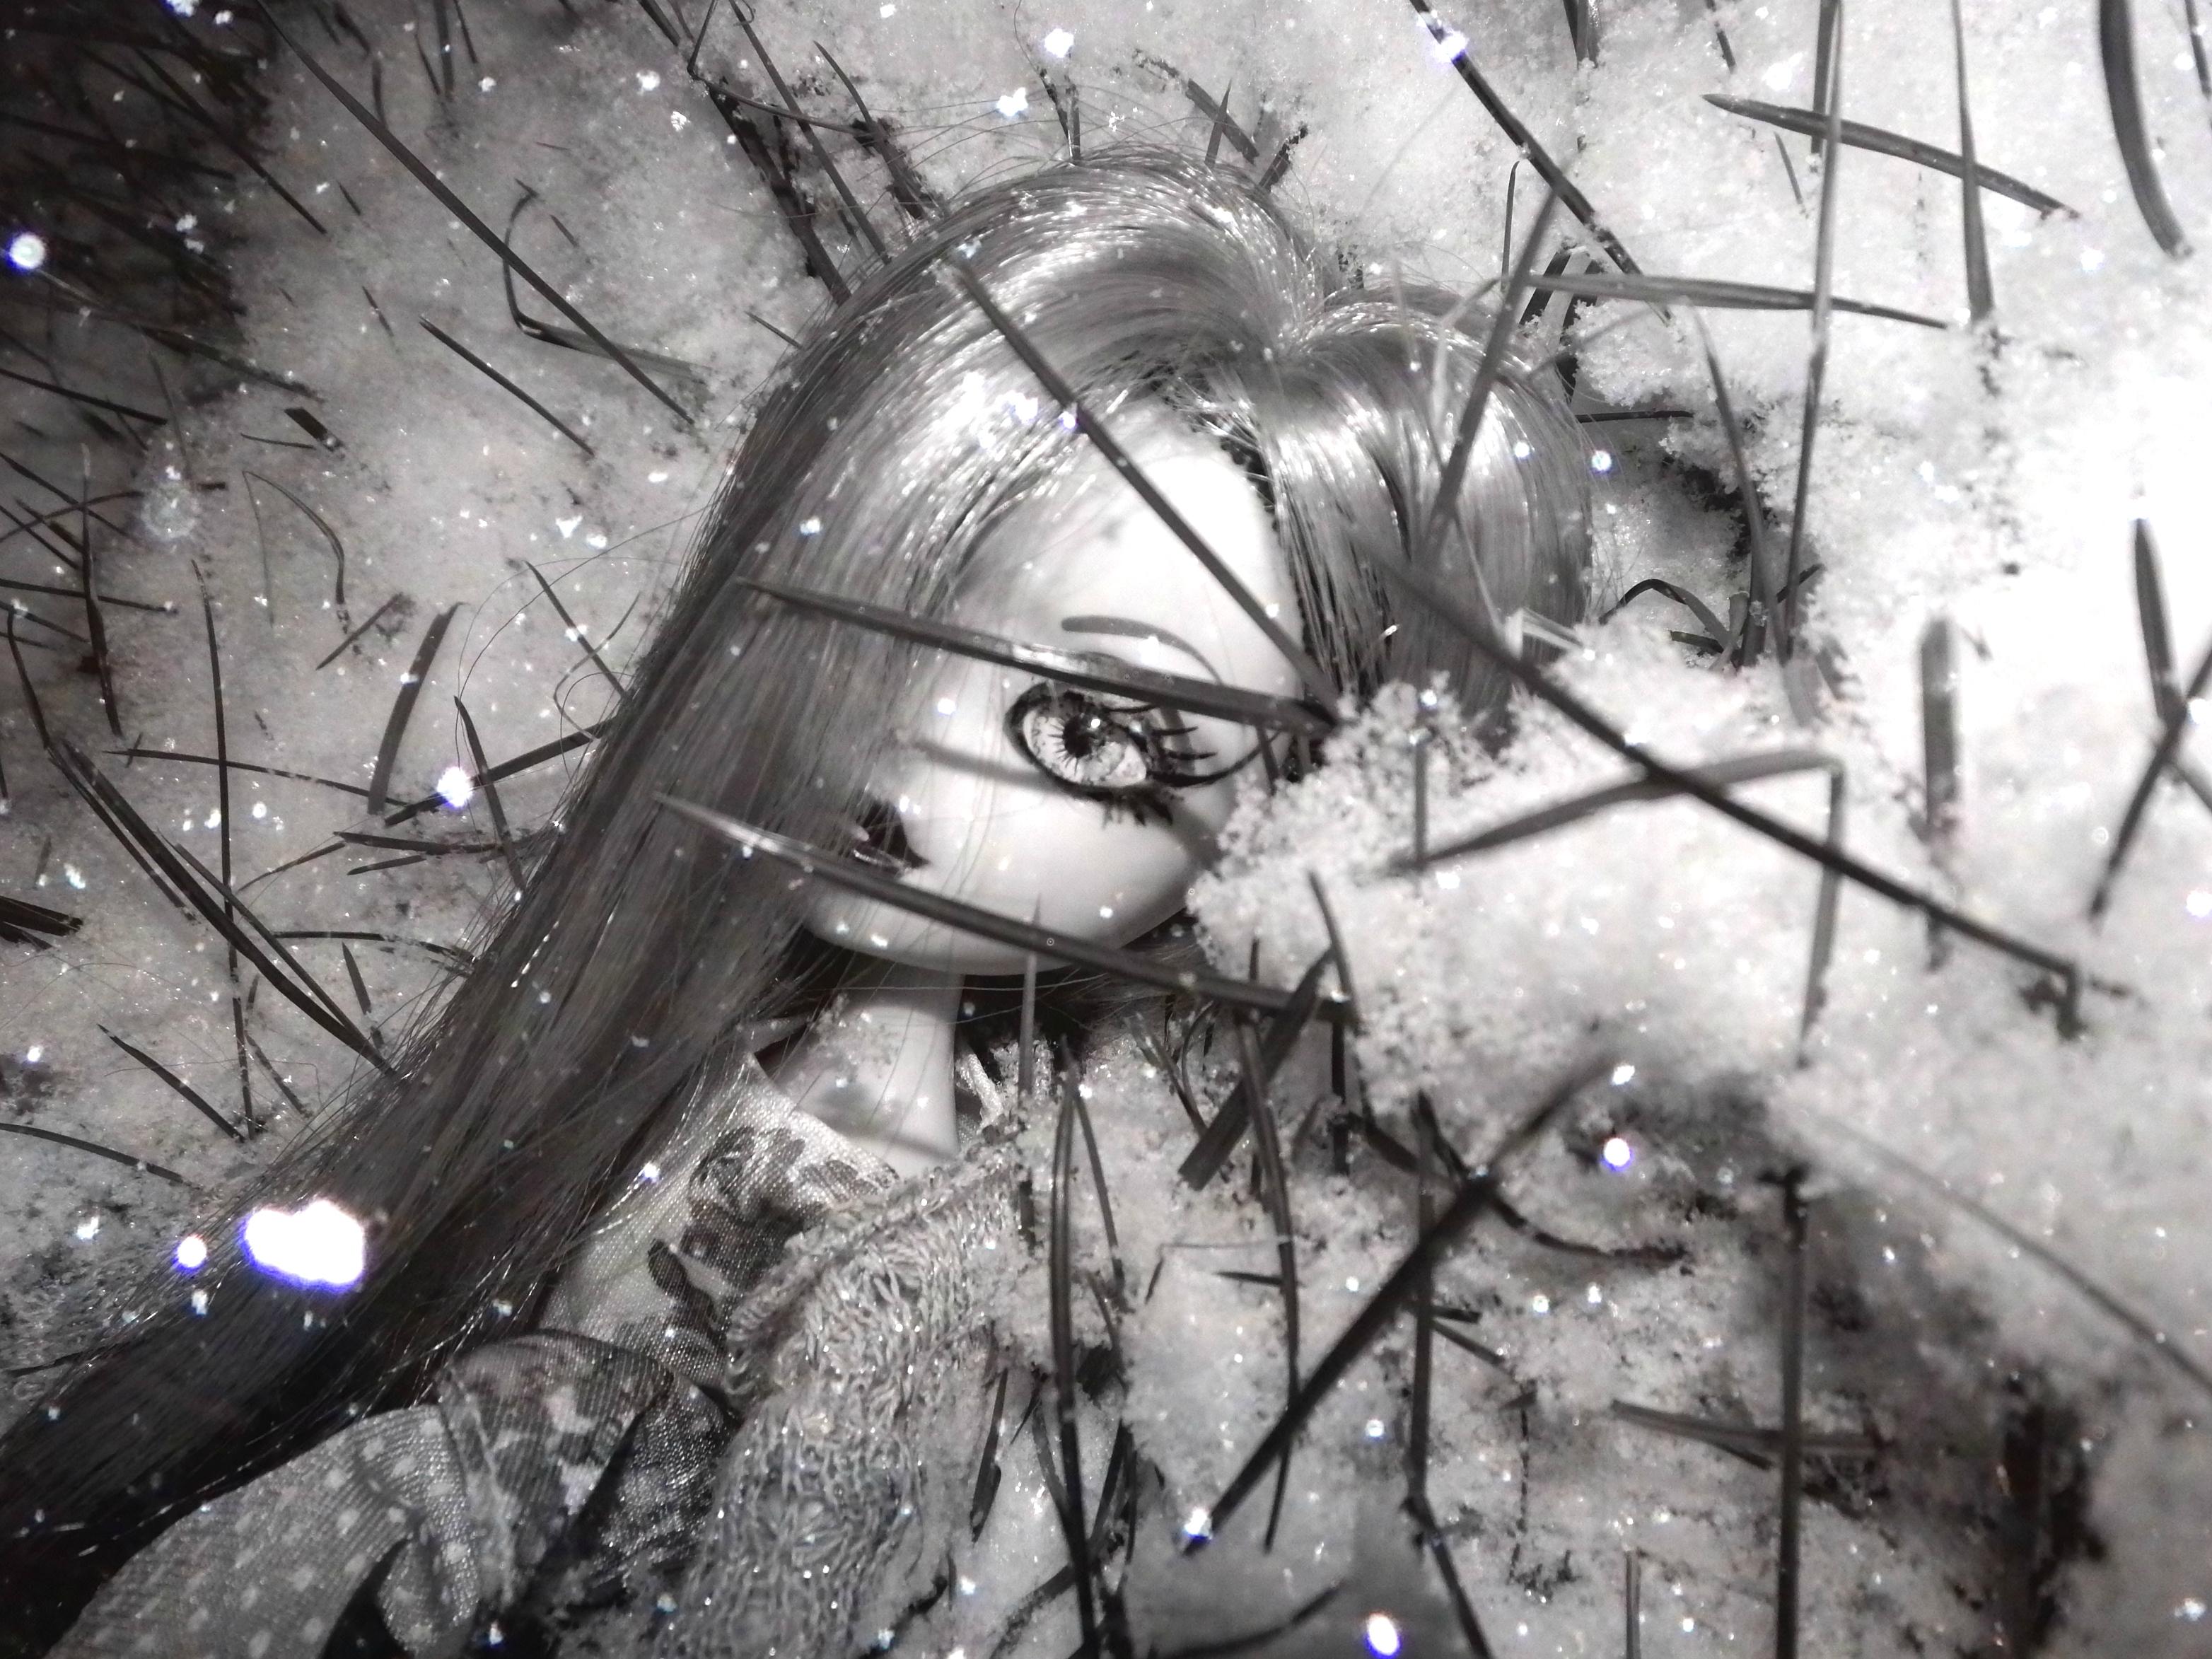 Fondos de pantalla : blanco, negro, rubia, césped, nieve, invierno ...